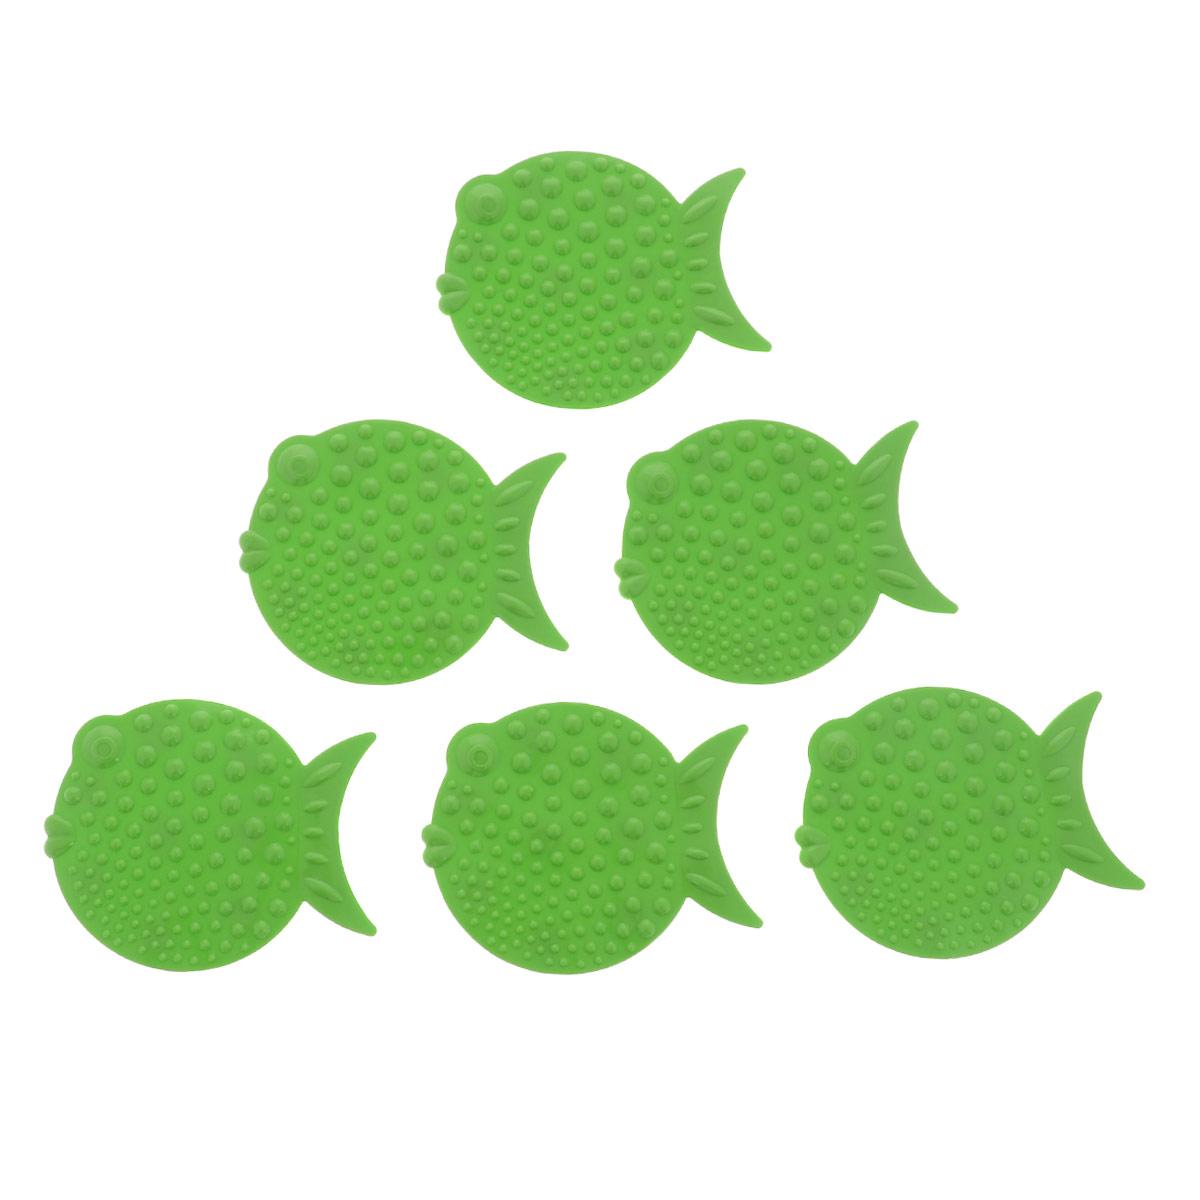 Набор мини-ковриков для ванной Перламутровая рыба, цвет: зеленый, 6 шт391602Набор Перламутровая рыба включает шесть мини-ковриков для ванной. Изготовлены из PVC (полимерные материалы). Коврики оснащены присосками, предотвращающими скольжение. Крепятся на дно ванны, также можно использовать как декор для плитки. Легко чистить.Комплектация: 6 шт.Материал: 100% полимерные материалы.Размер мини-коврика: 12 см х 9,5 см.